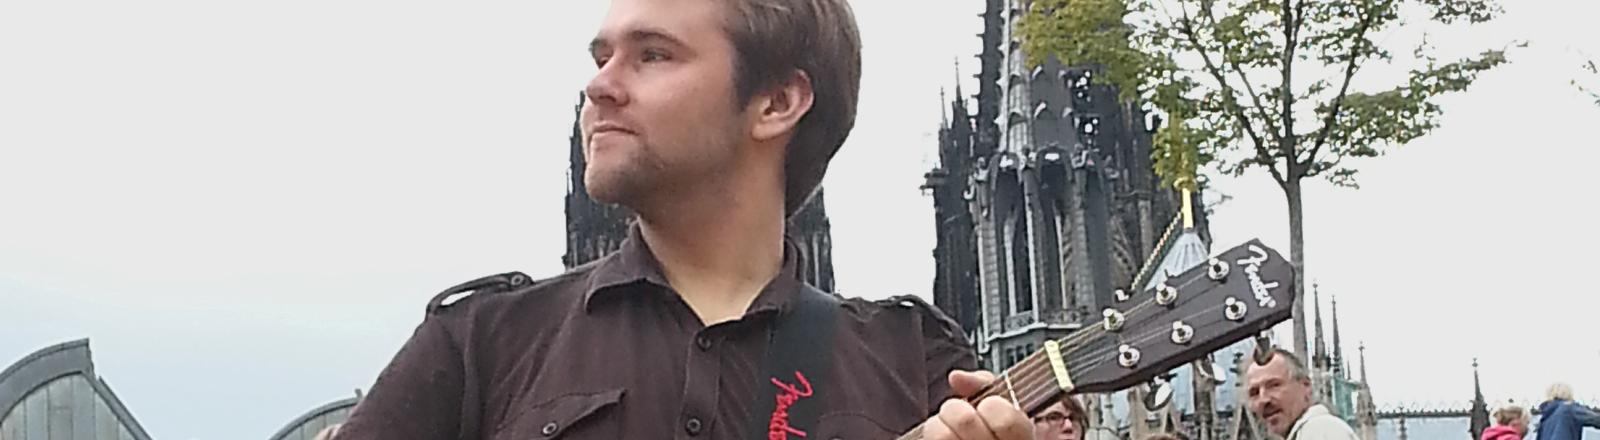 Renardo Schlegelmilch spielt Gitarre und blickt in die Ferne. Im Hintergrund stehen Passanten. Die Spitzen des Kölner Doms sind zu sehen.